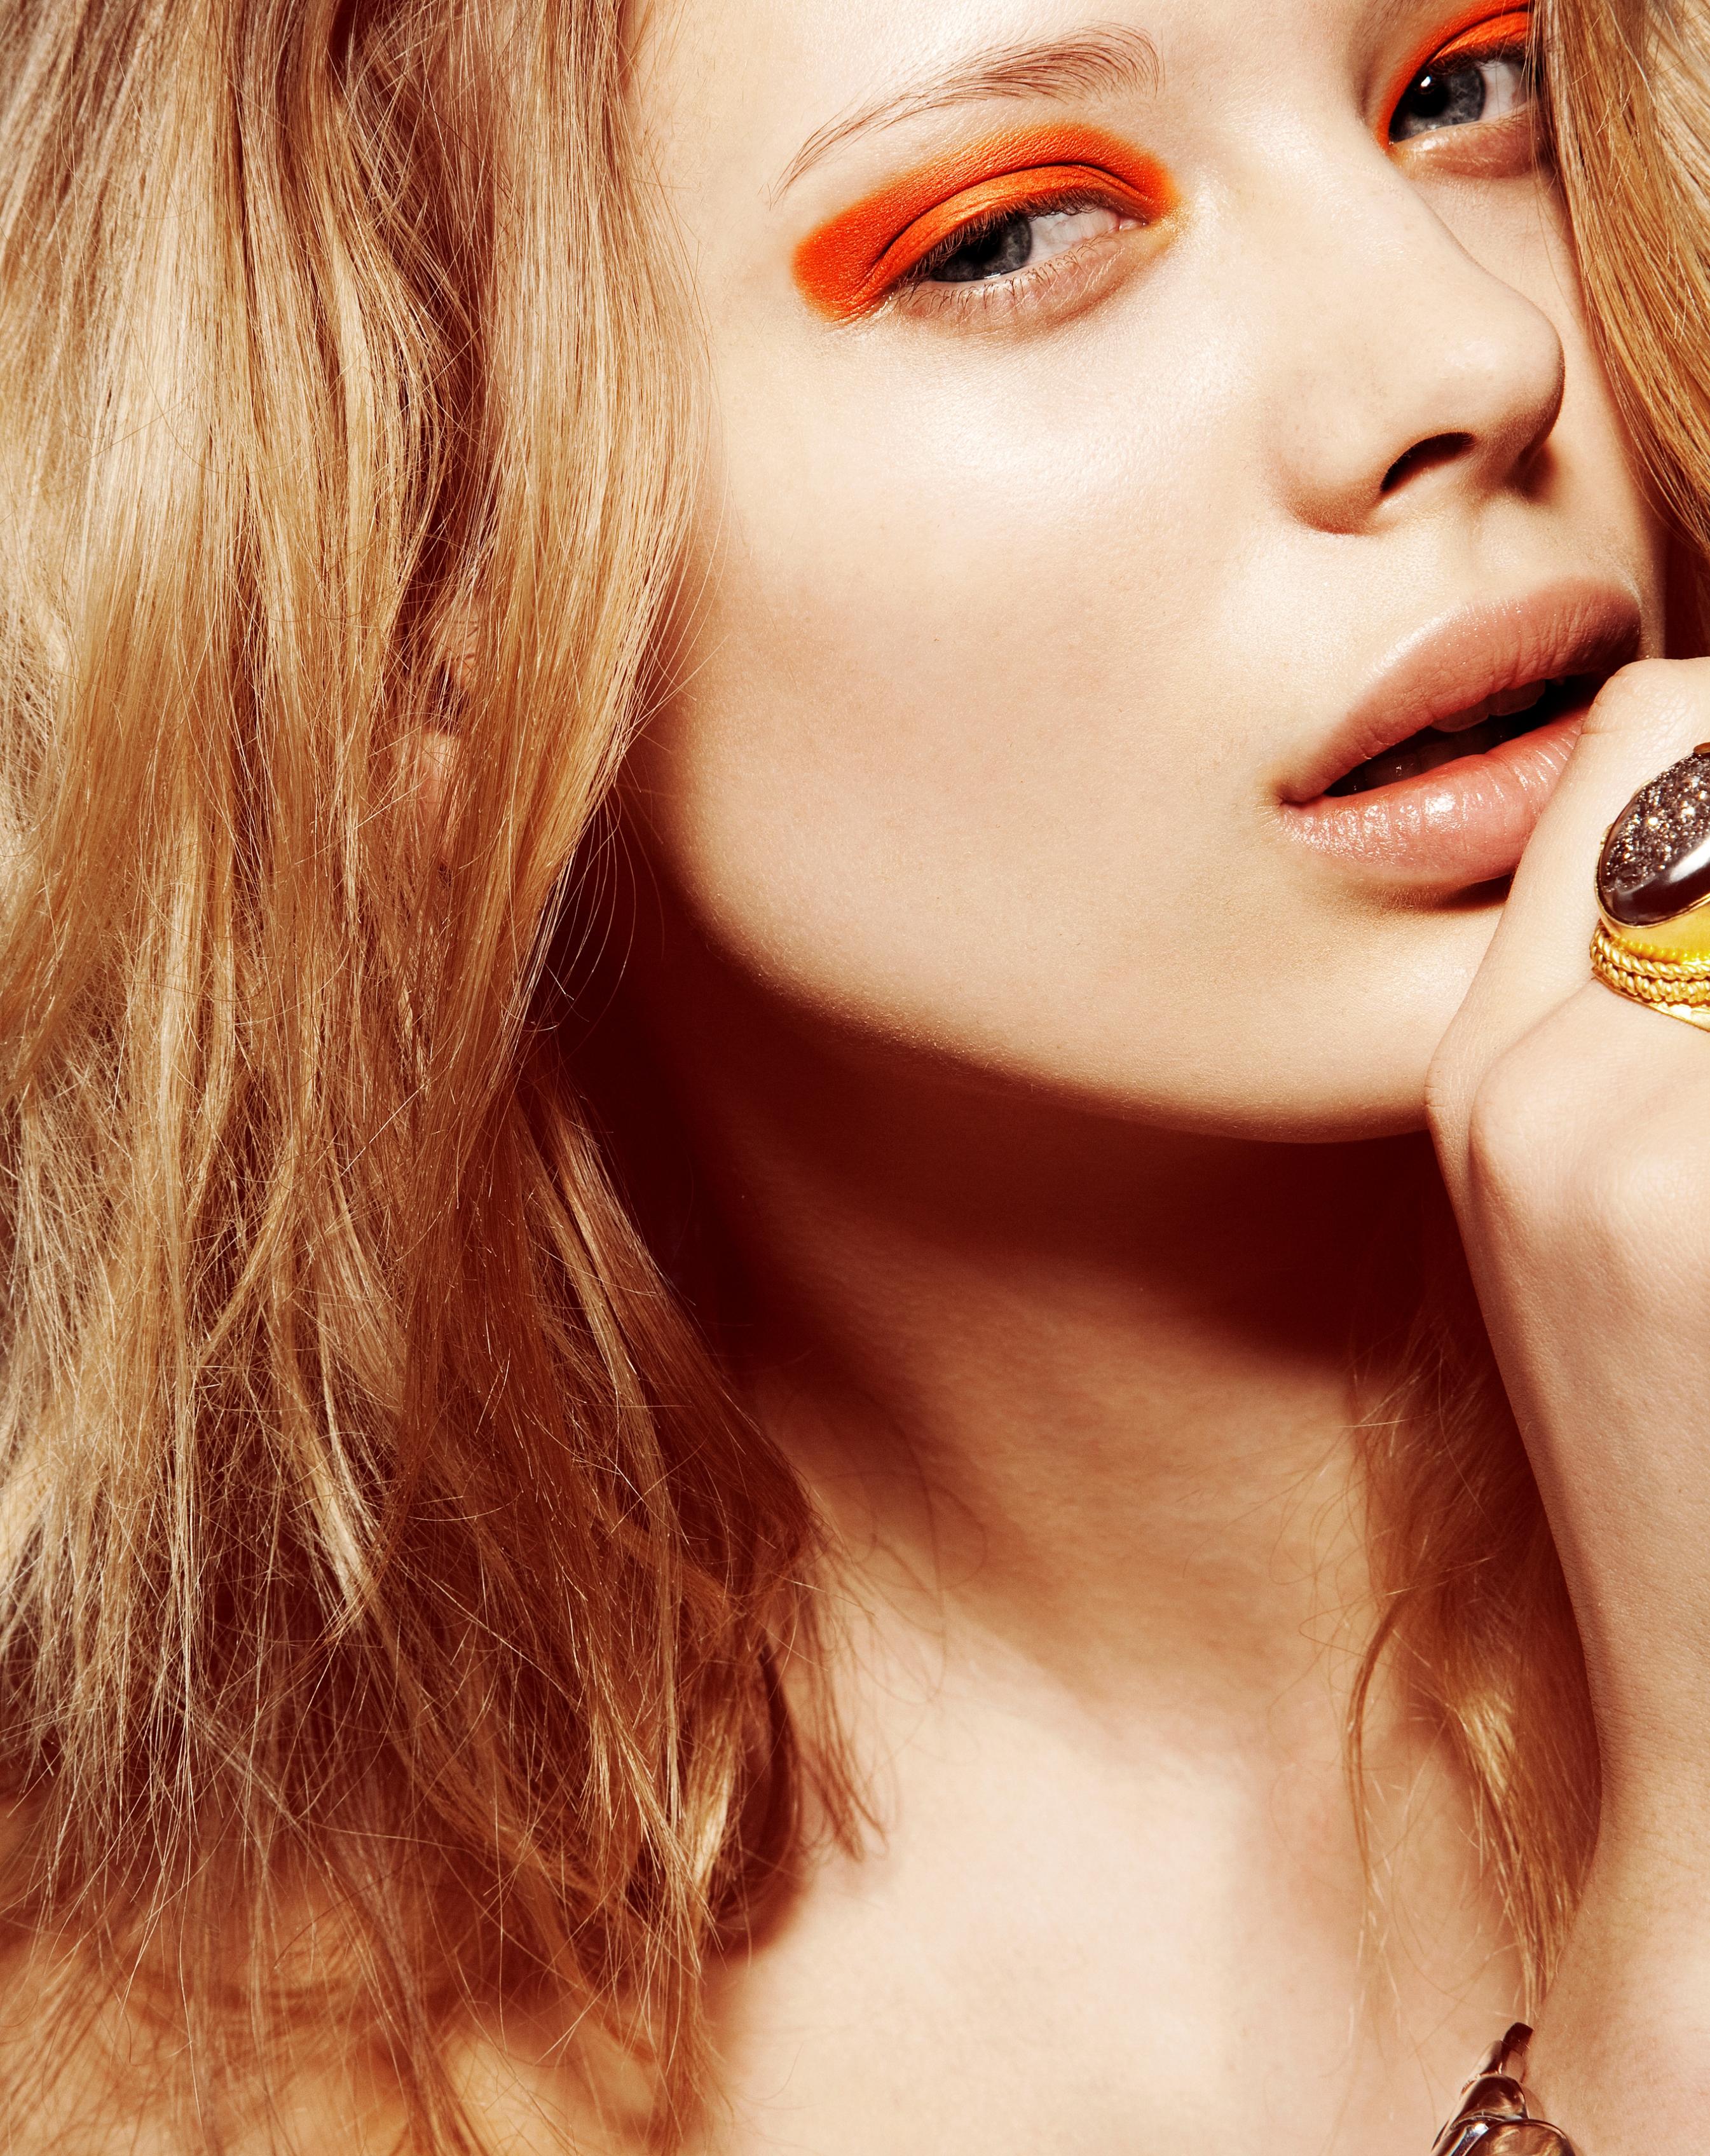 Beauty_Shot_of-Ellinore-Erichsen